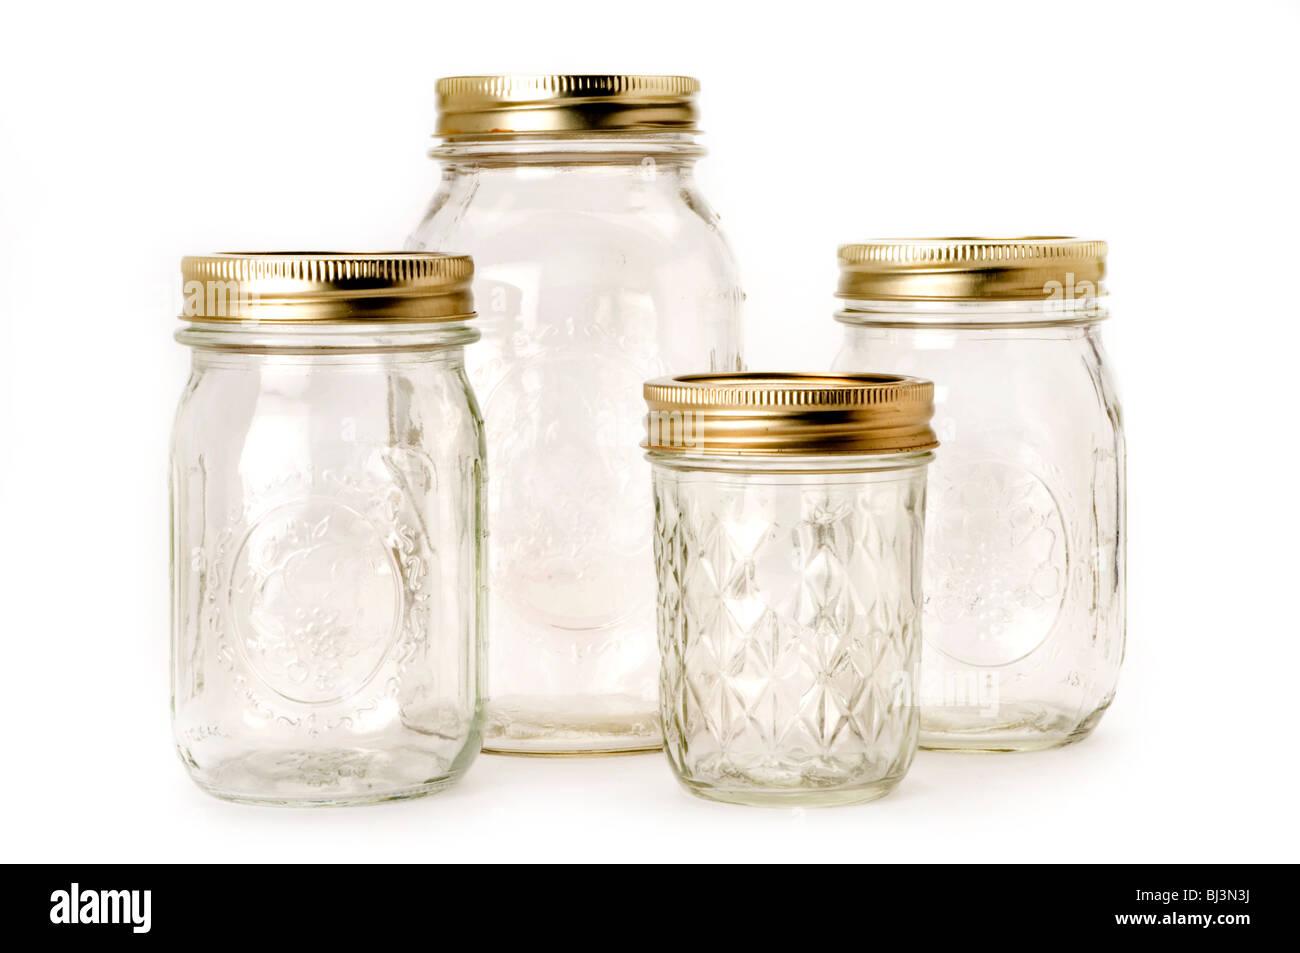 empty jars - Stock Image